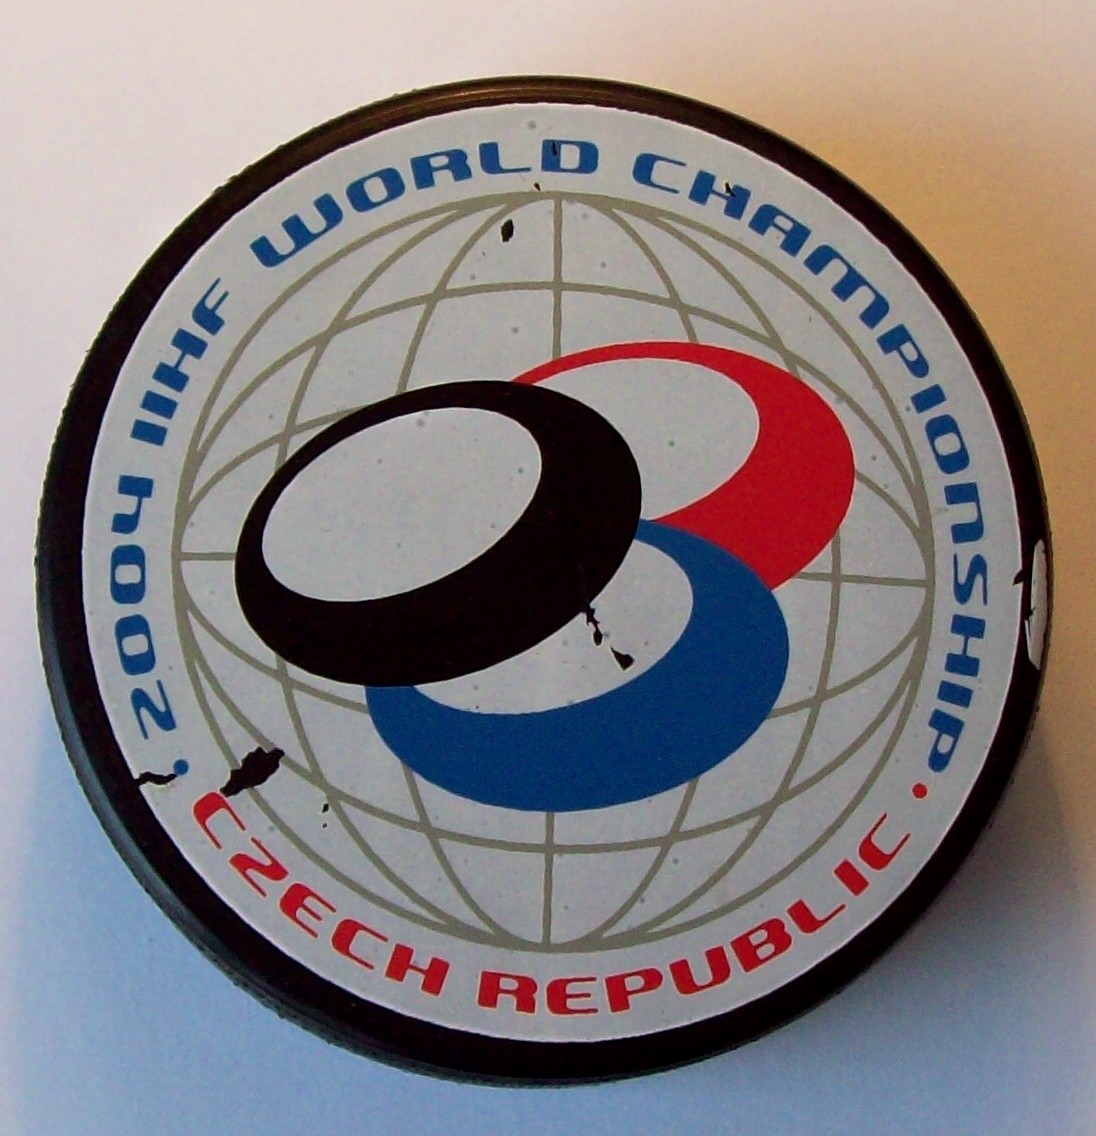 Majstrovstvá sveta v ľadovom hokeji 2004 – Wikipédia 98f1c130e8